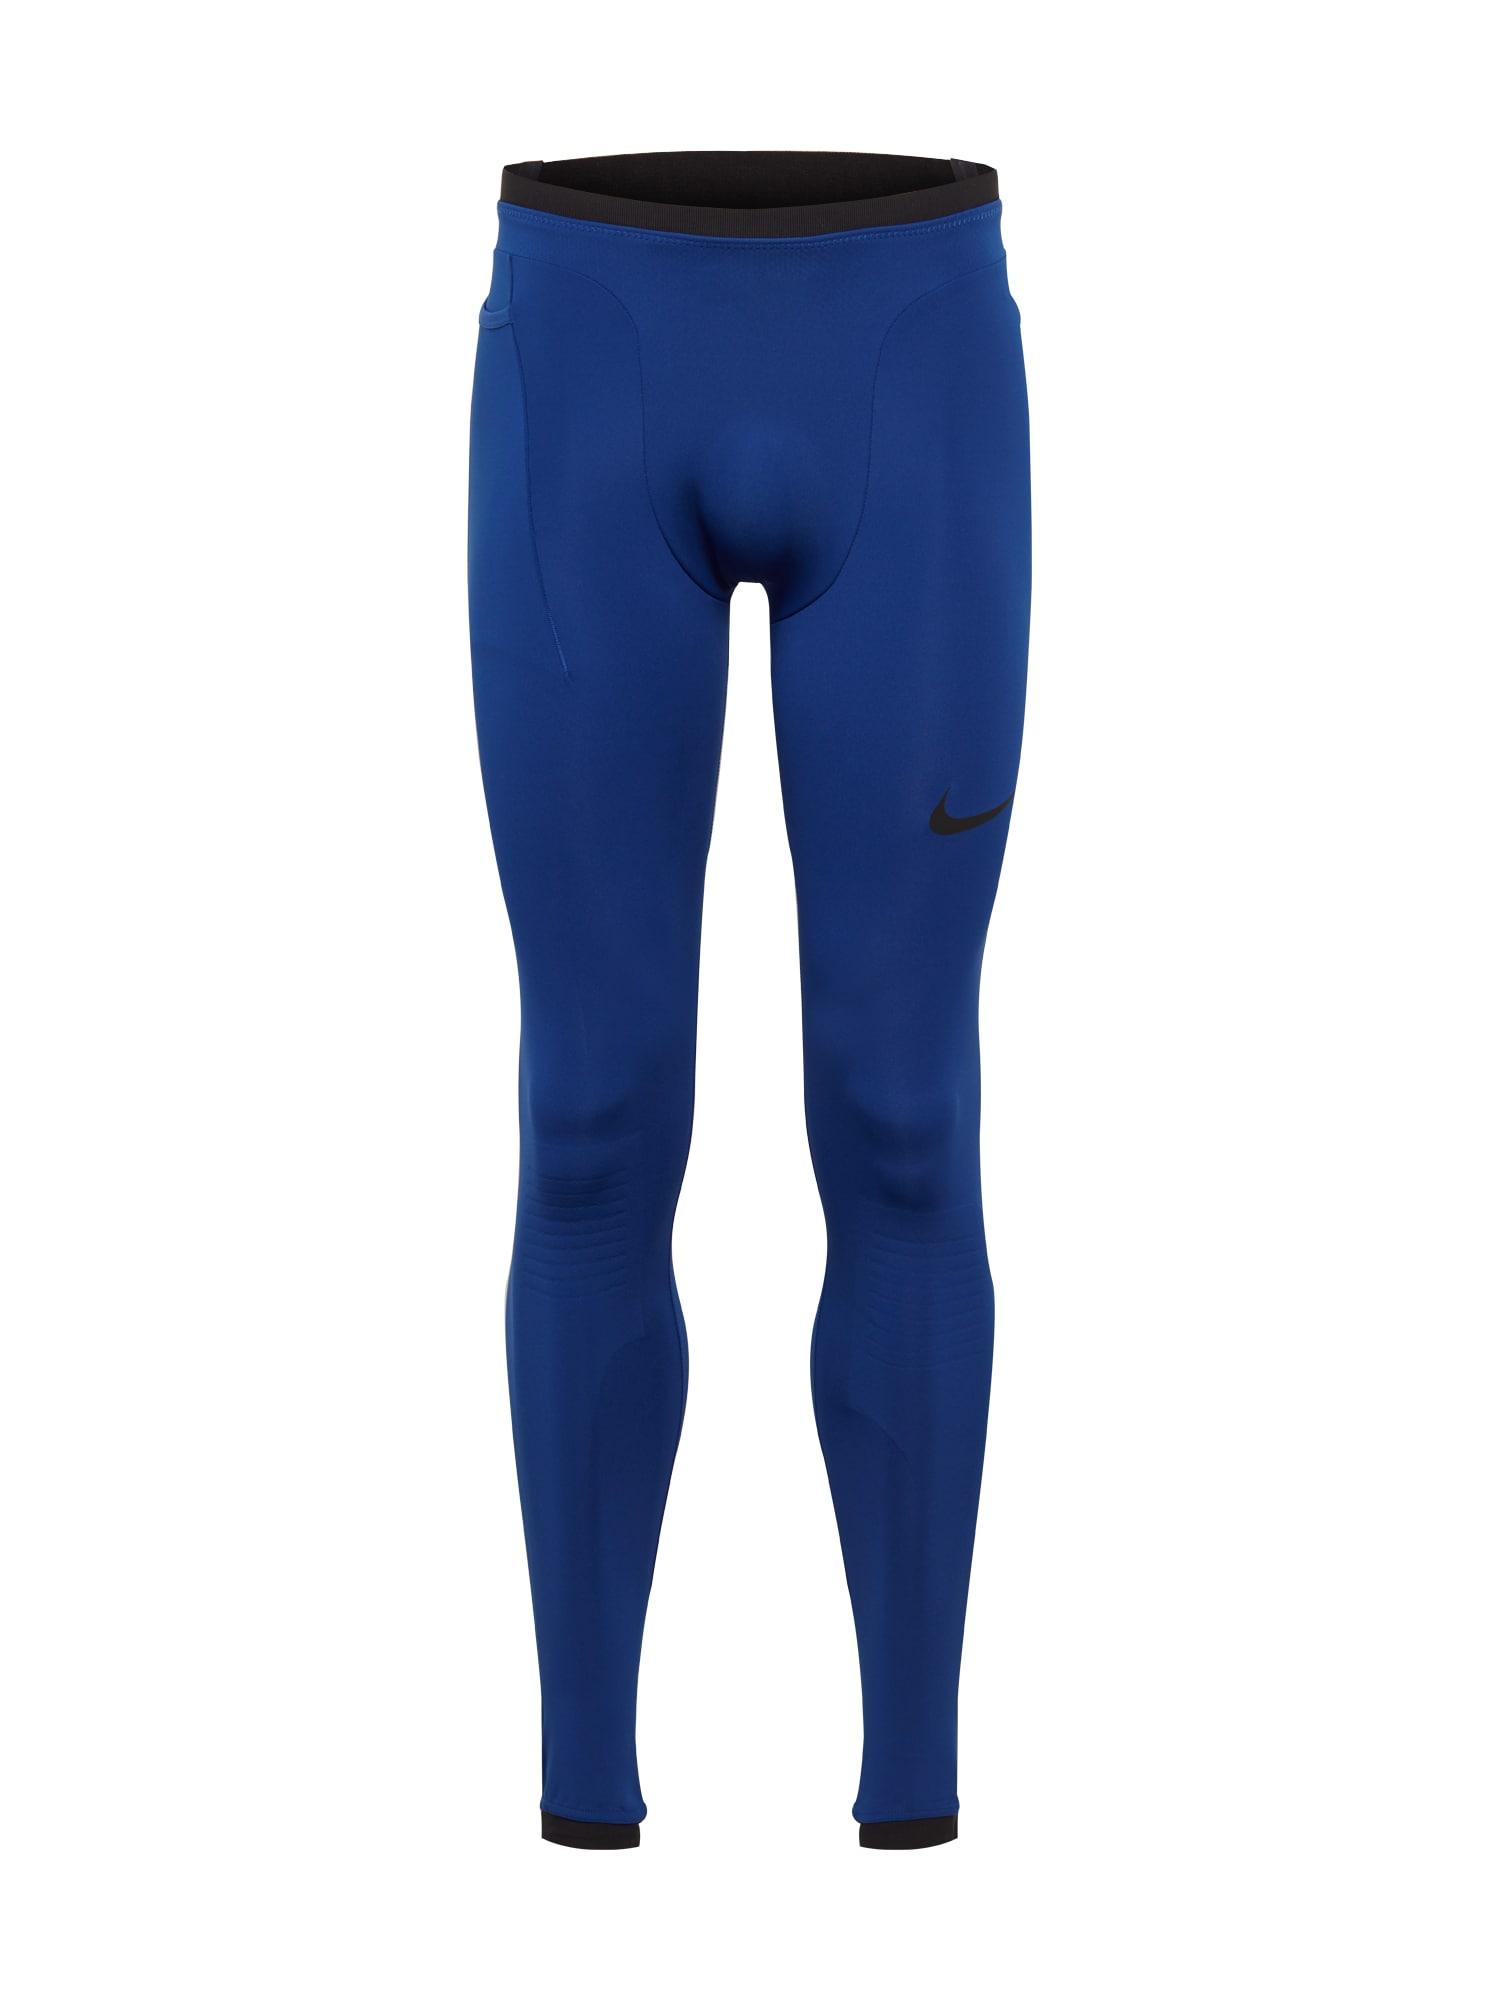 NIKE Sportinės kelnės juoda / tamsiai mėlyna